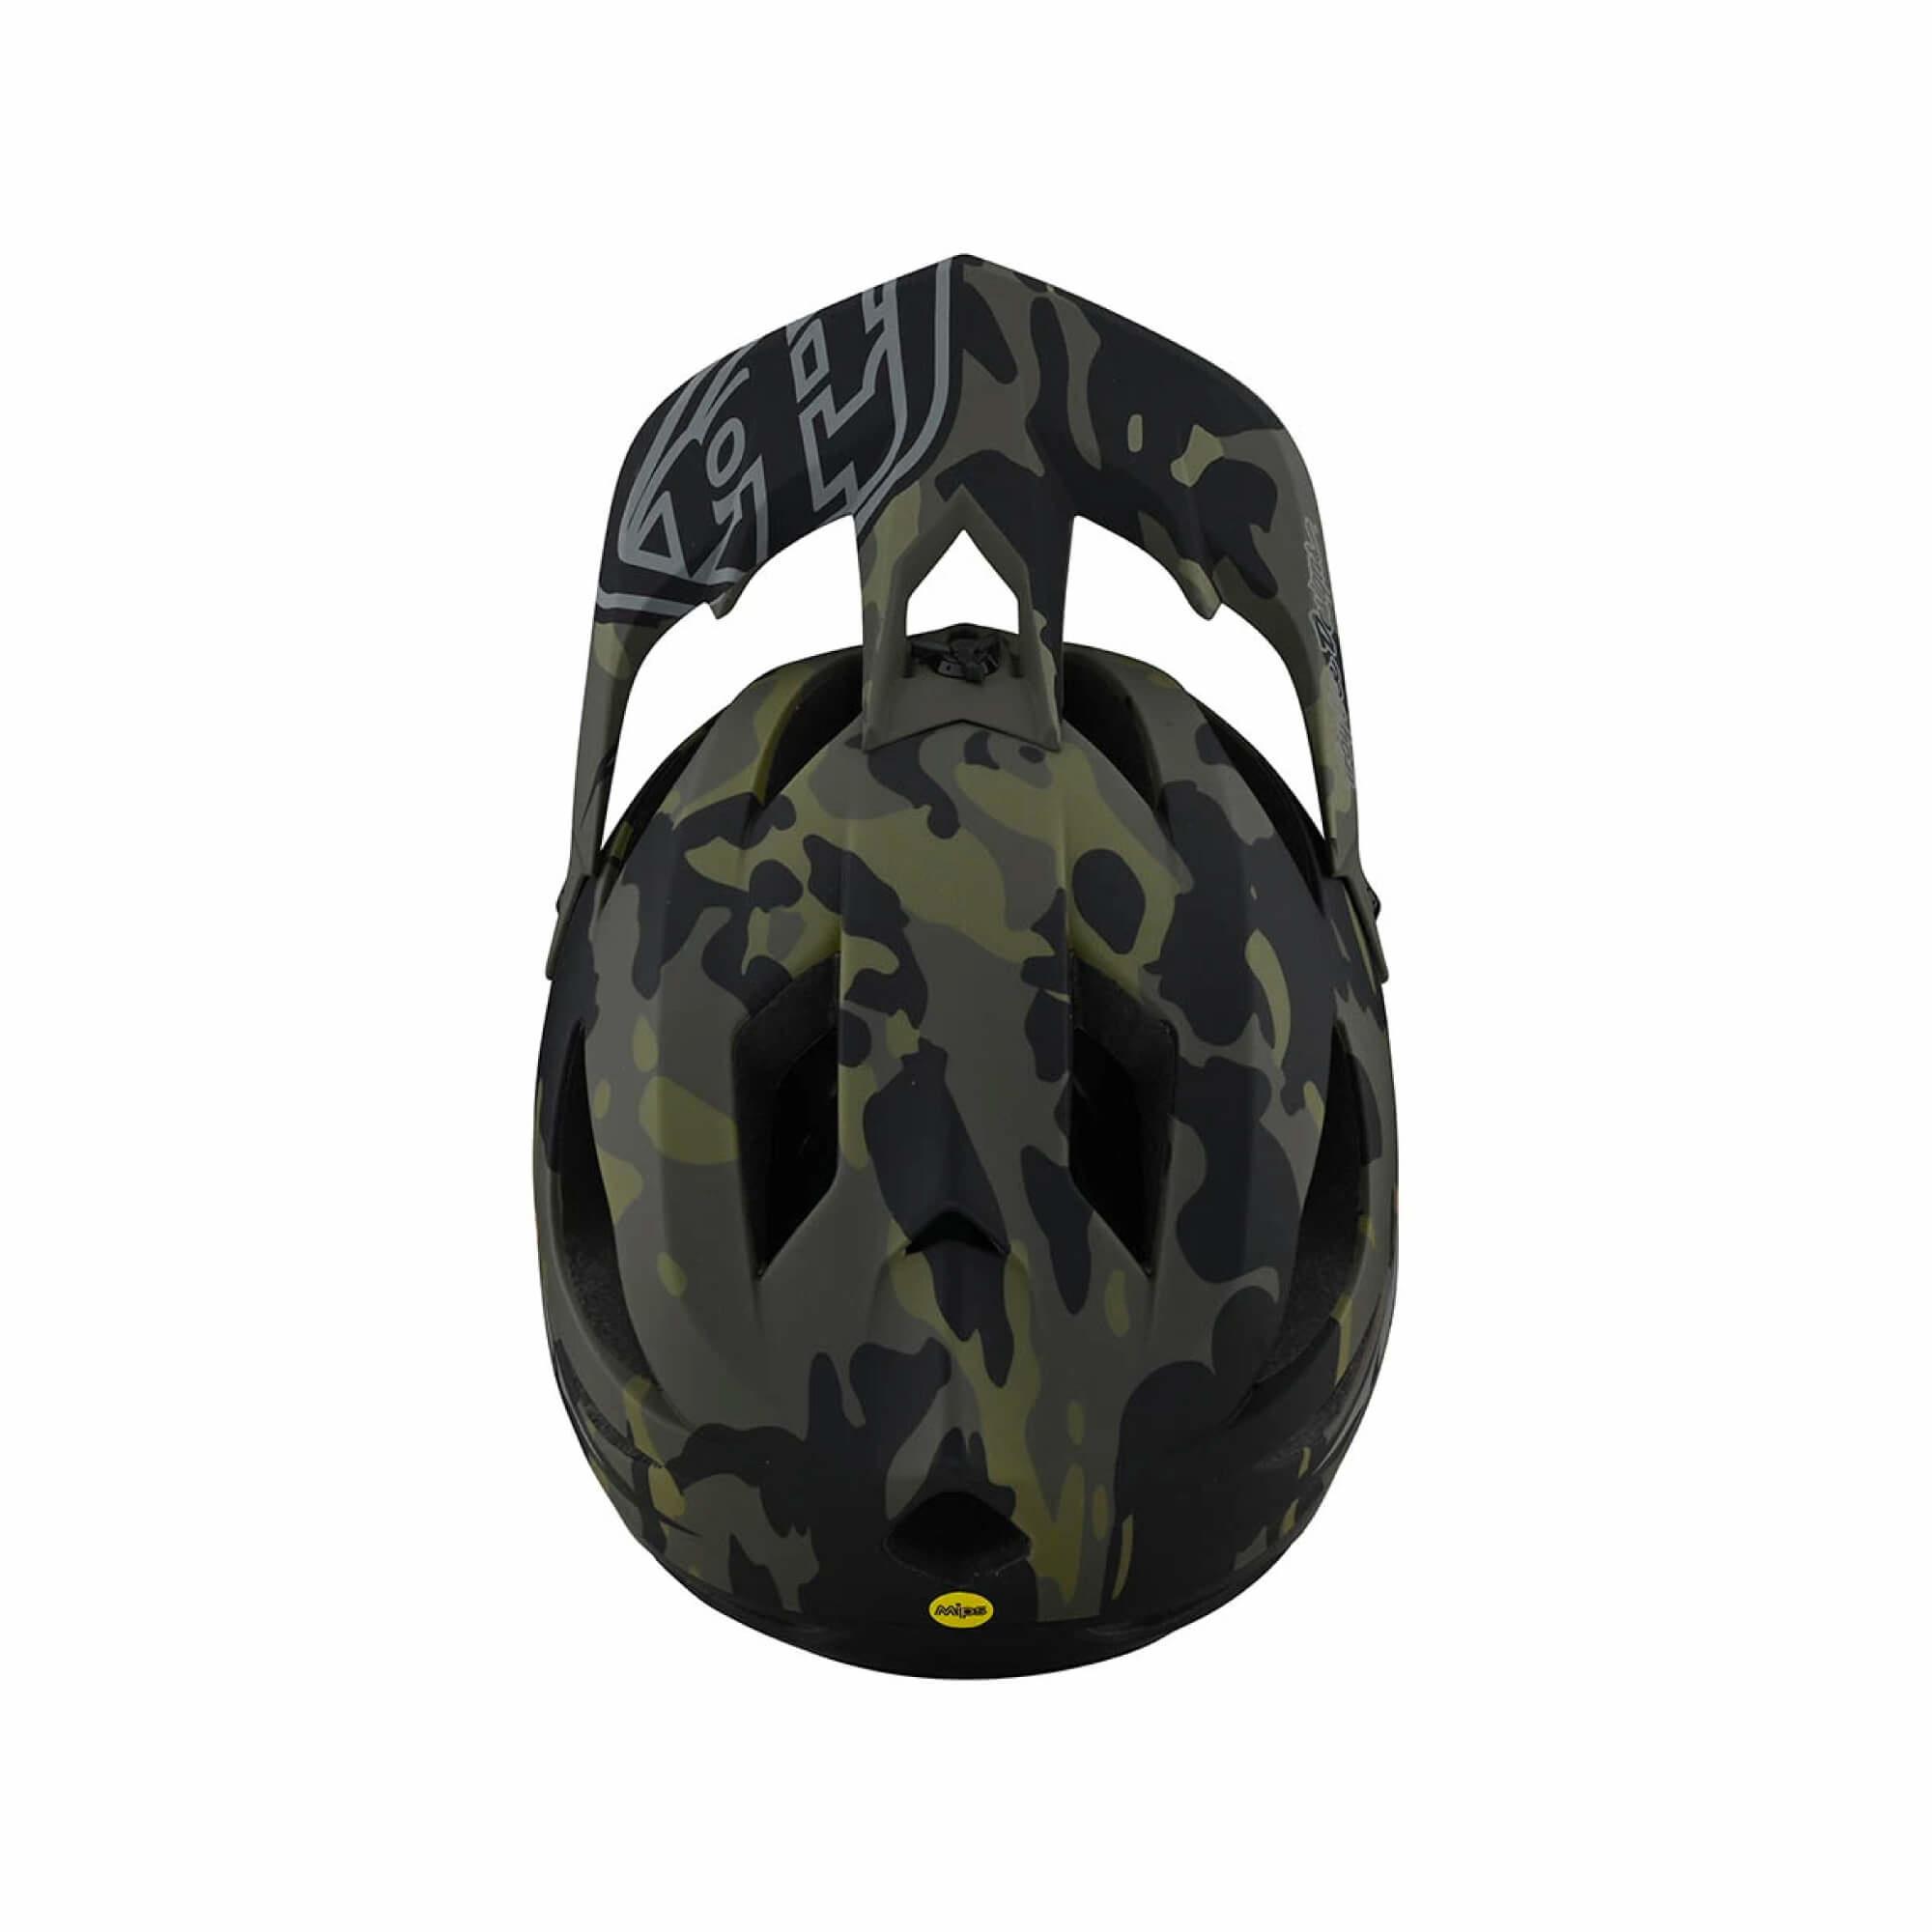 Stage As Mips Helmet 2021-9